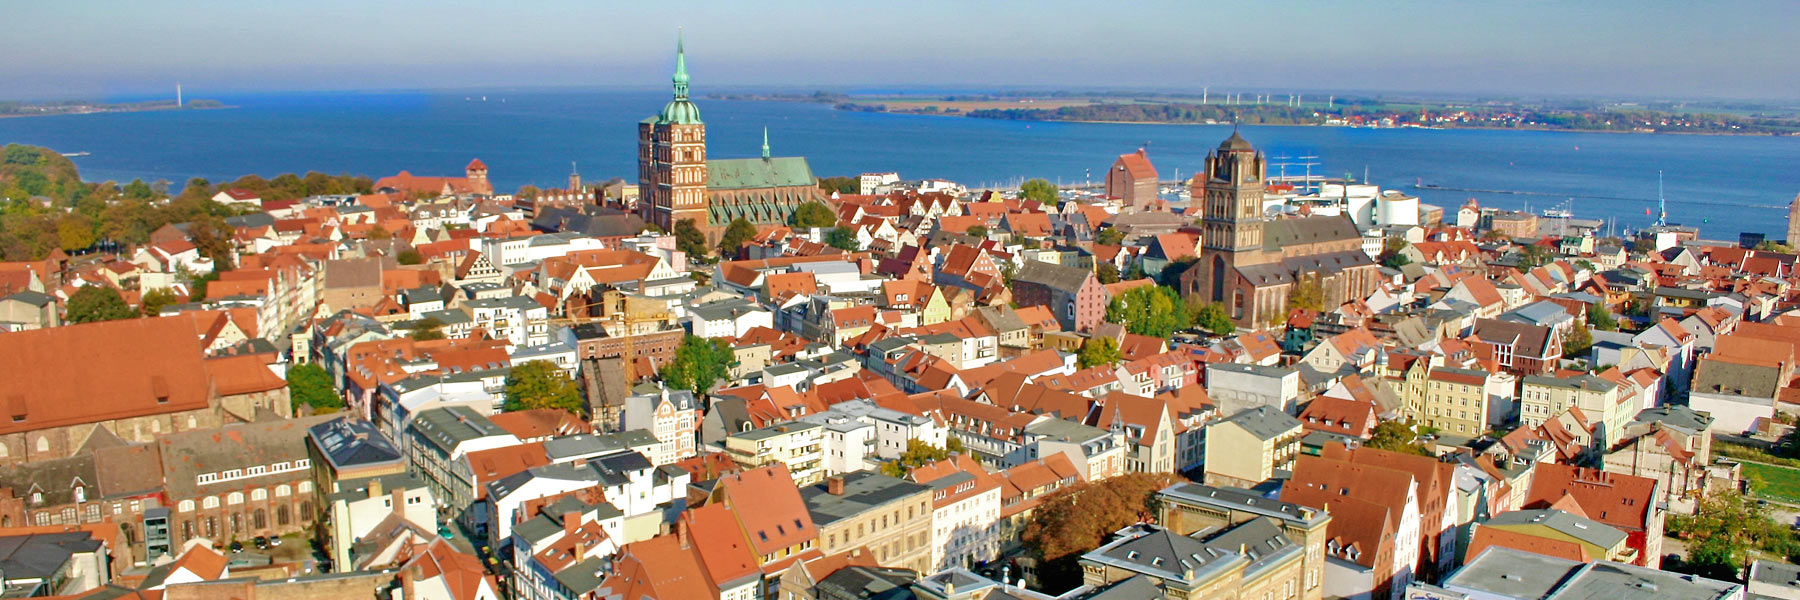 Luftaufnahme - Hansestadt Stralsund